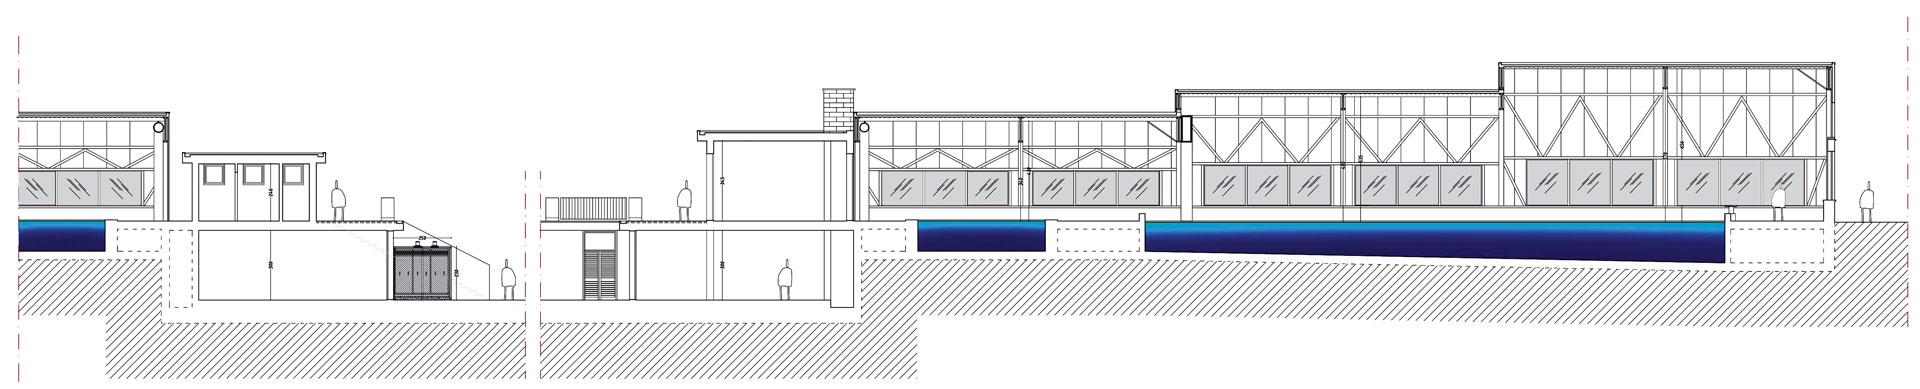 La sezione longitudinale mostra la diversa altezza delle campate mobili